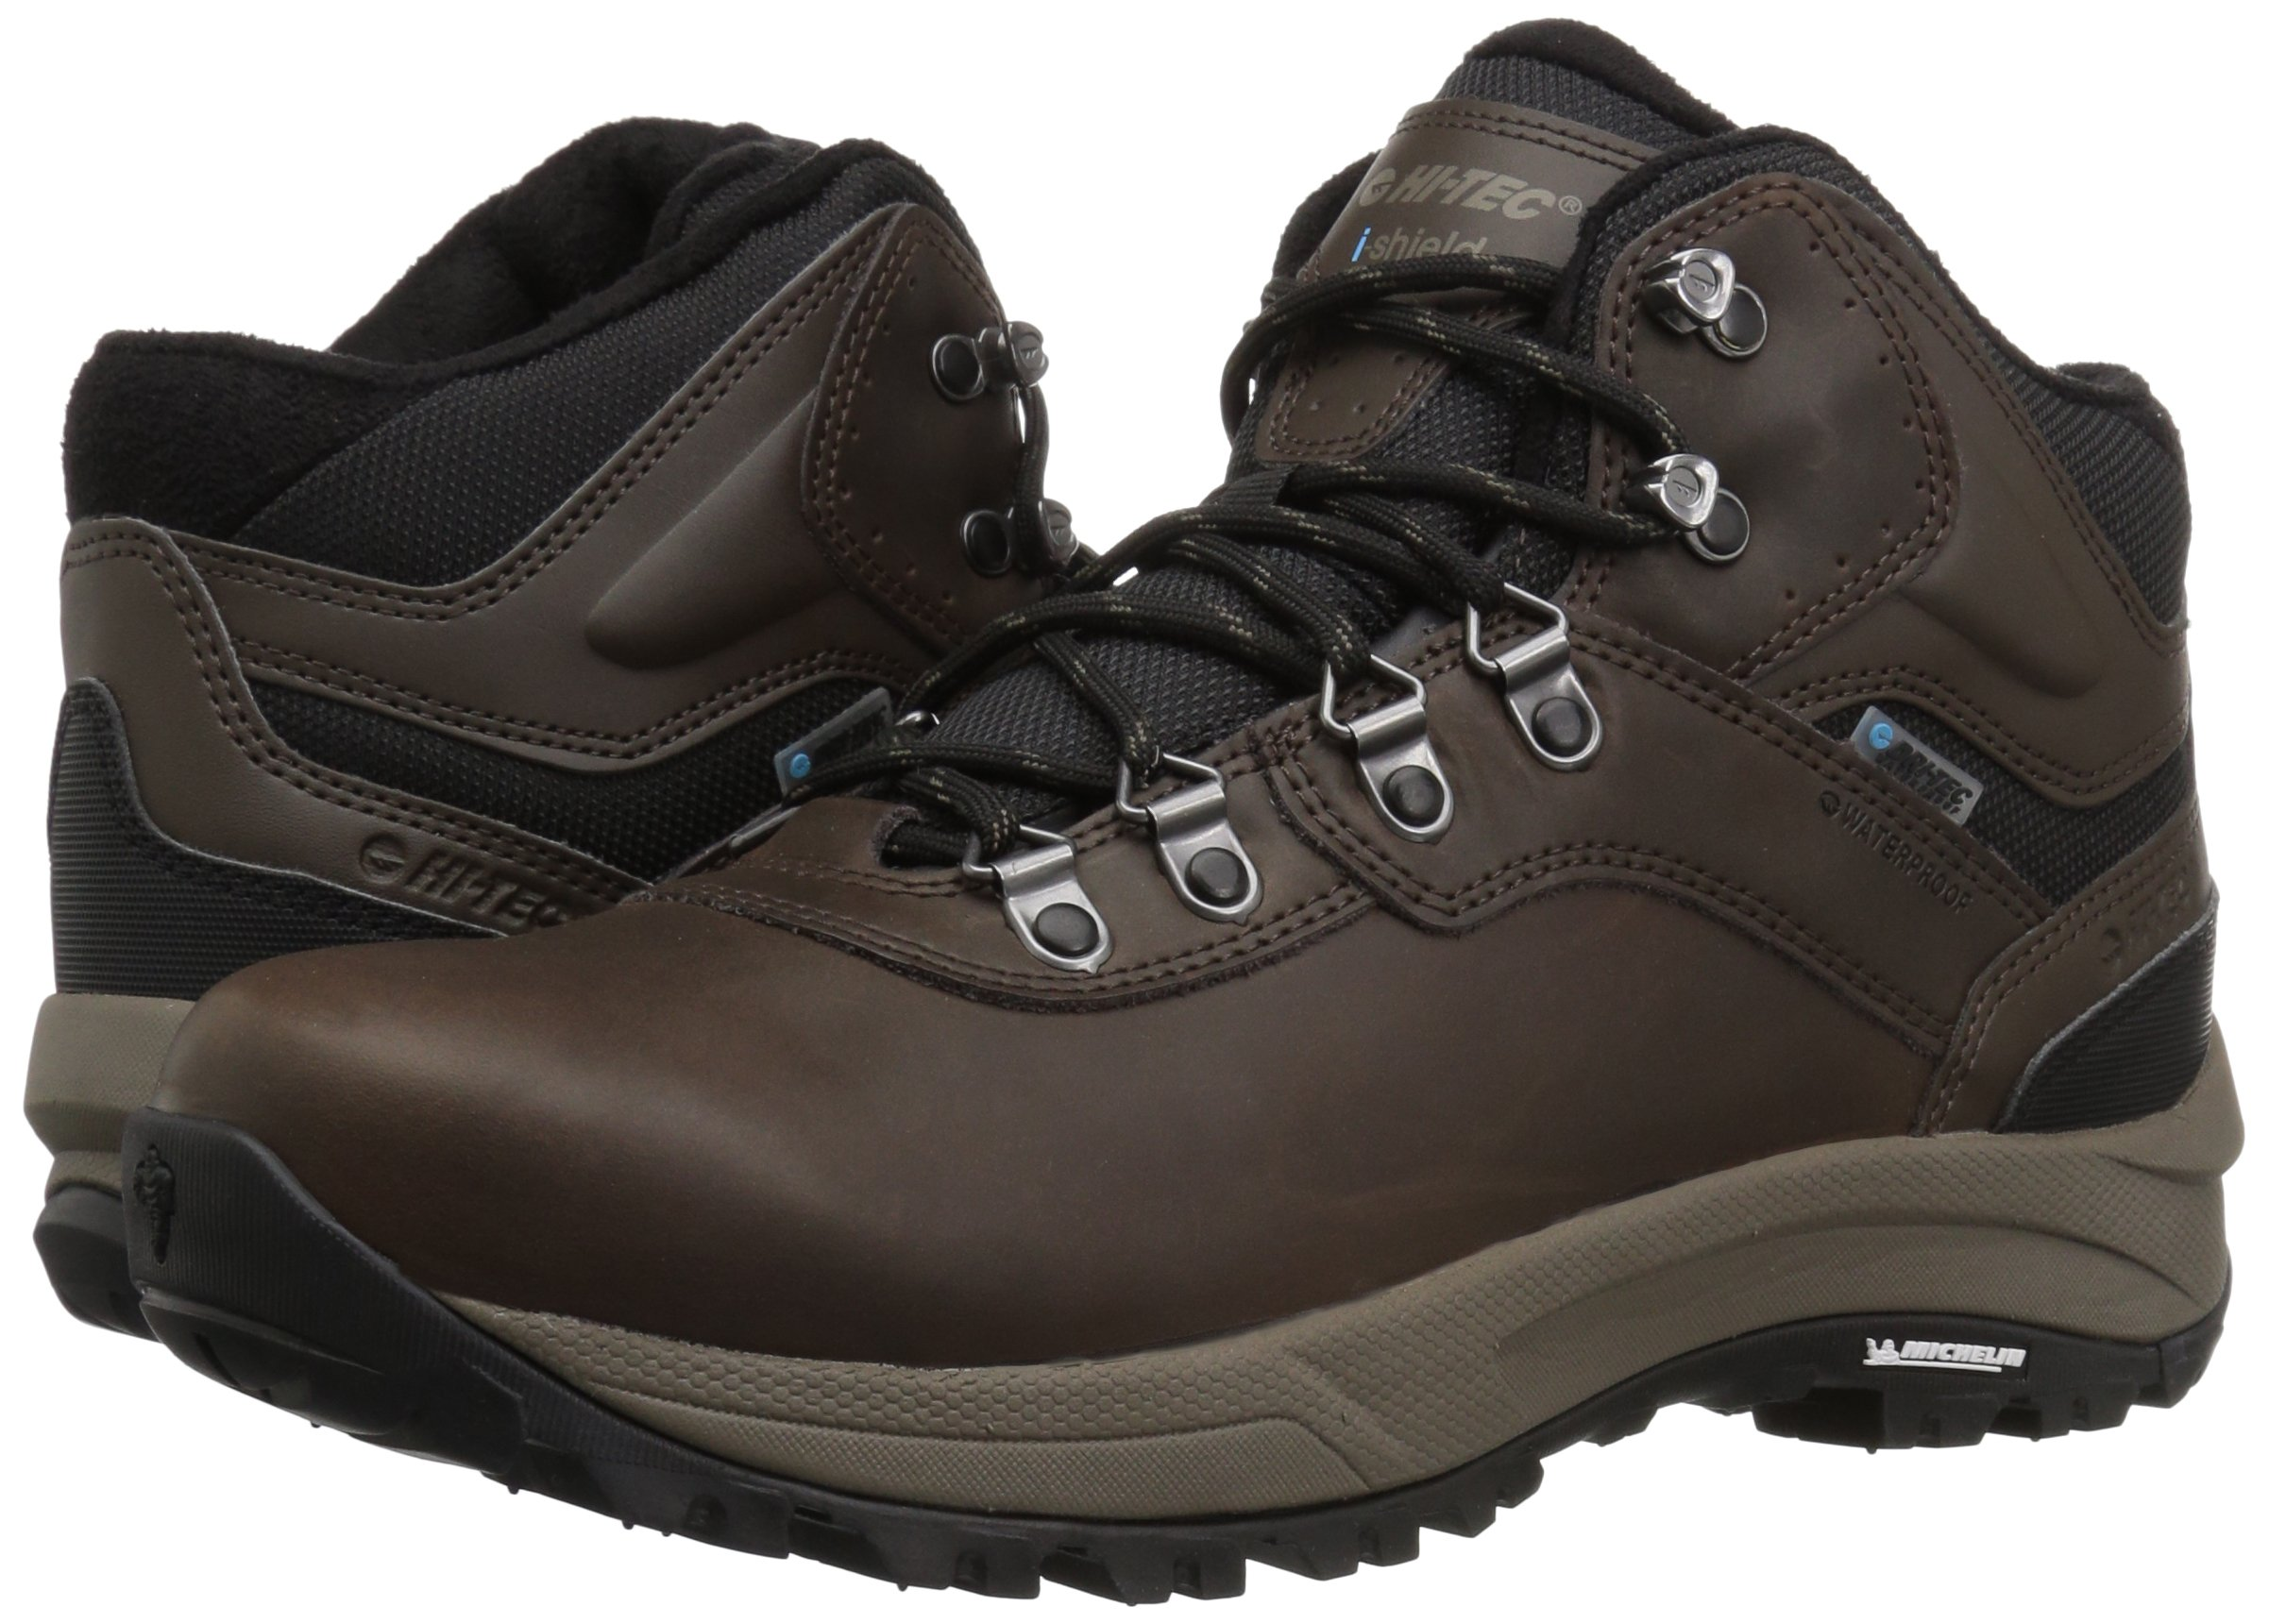 Hi-Tec Men's Altitude VI I Waterproof Hiking Boot, Dark Chocolate, 9.5 D US by Hi-Tec (Image #6)